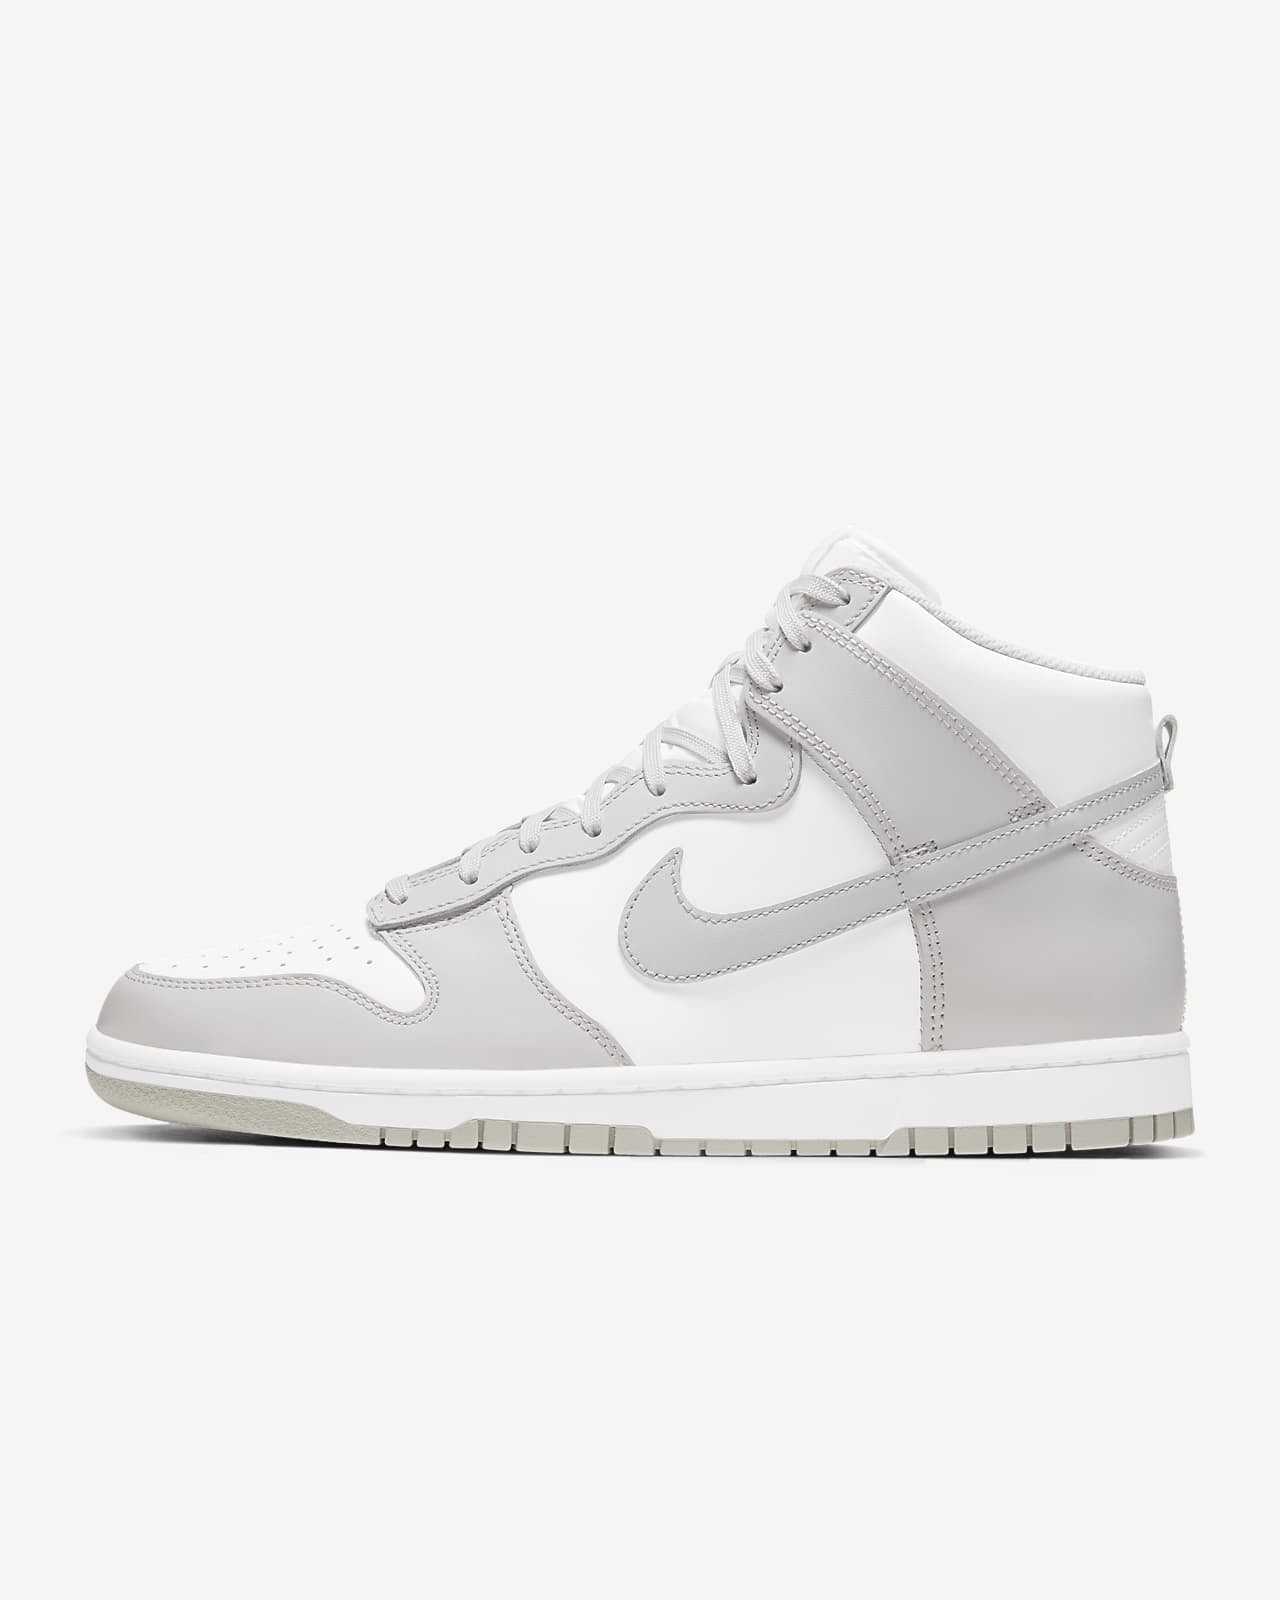 Nike Dunk HI Retro 男子运动鞋